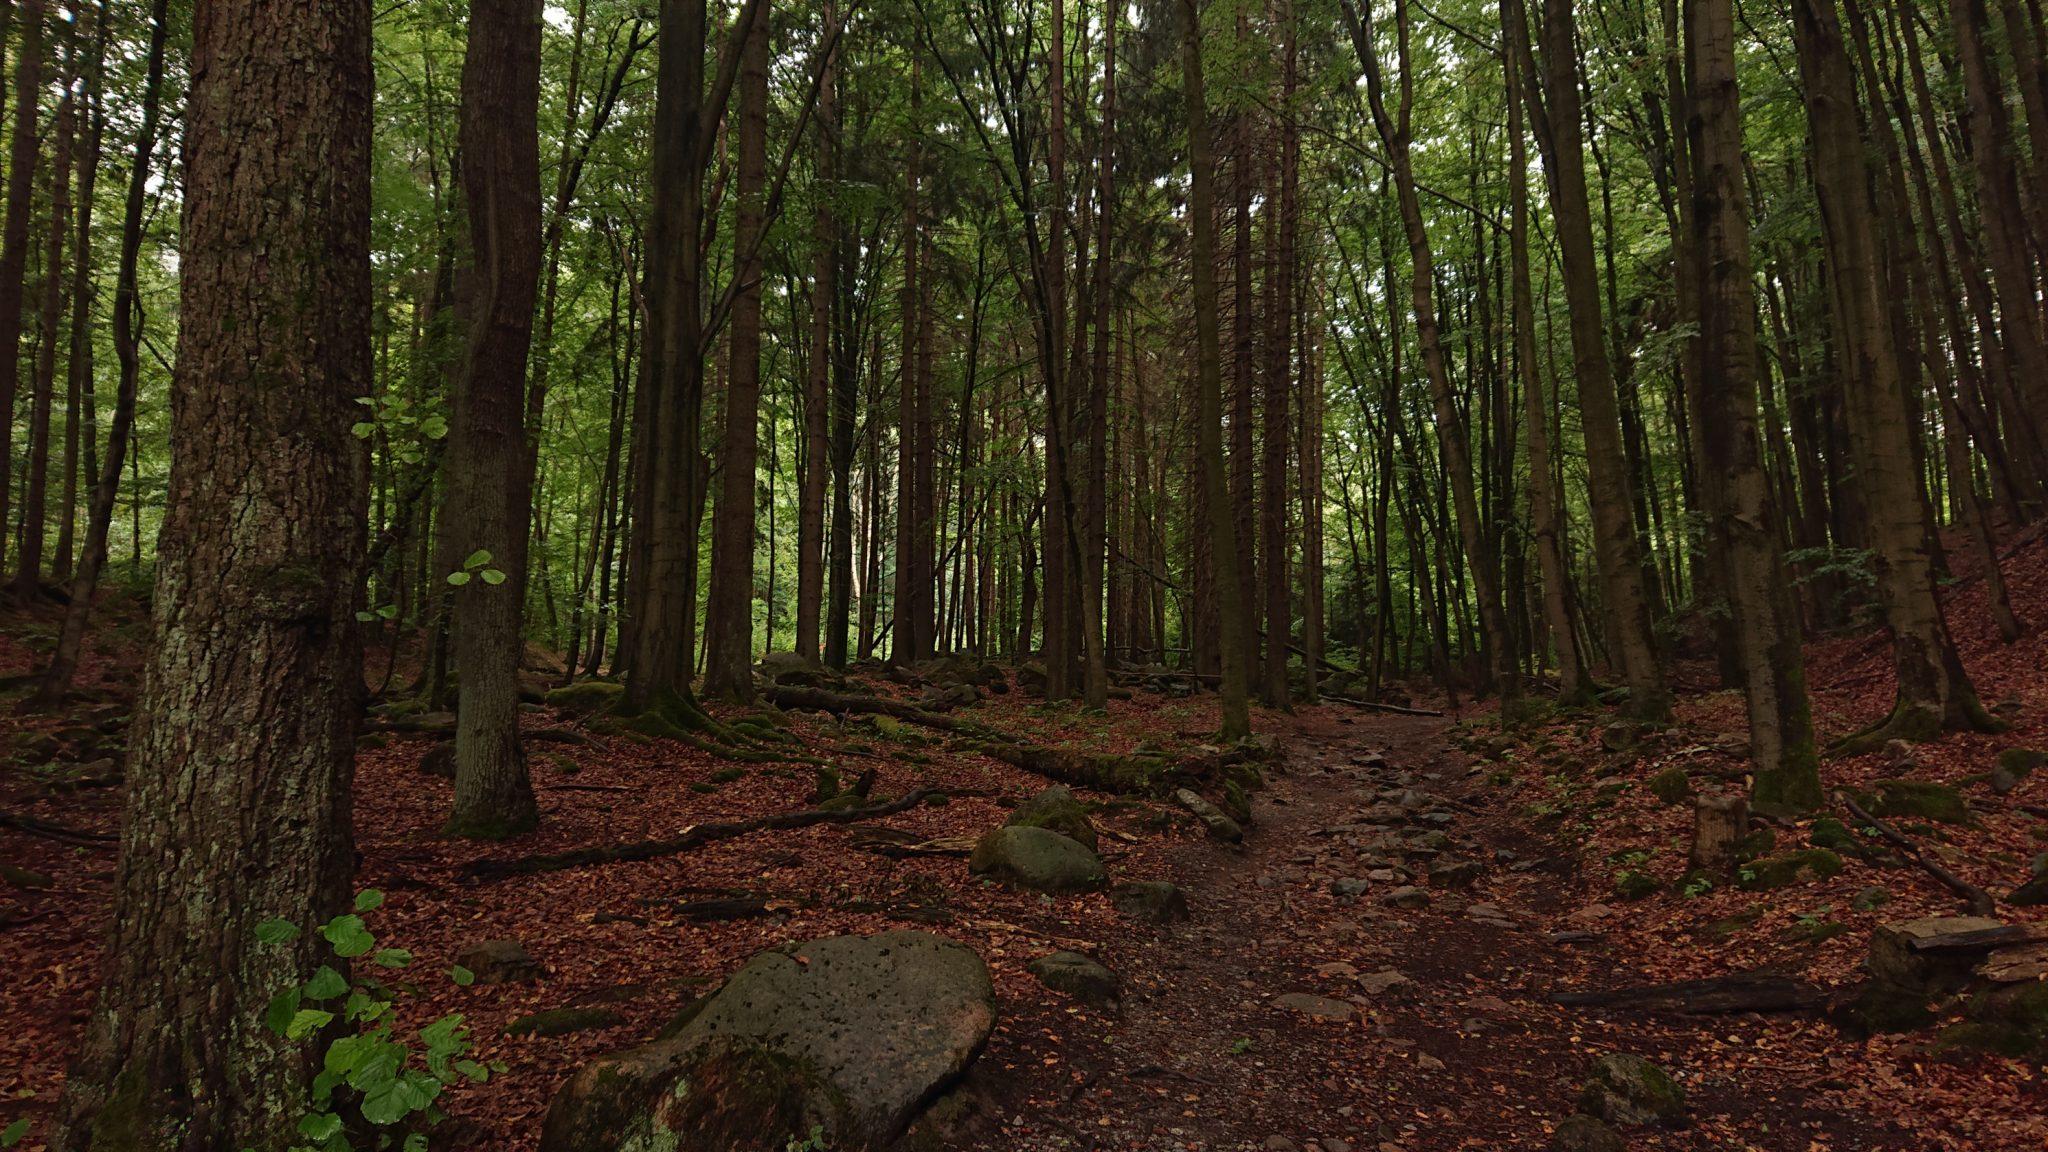 Wanderung Brocken über Heinrich-Heine-Weg Start in Ilsenburg, Nationalpark Harz, schöner Wanderweg im Wald, atmosphärisch, herrliche frische Luft